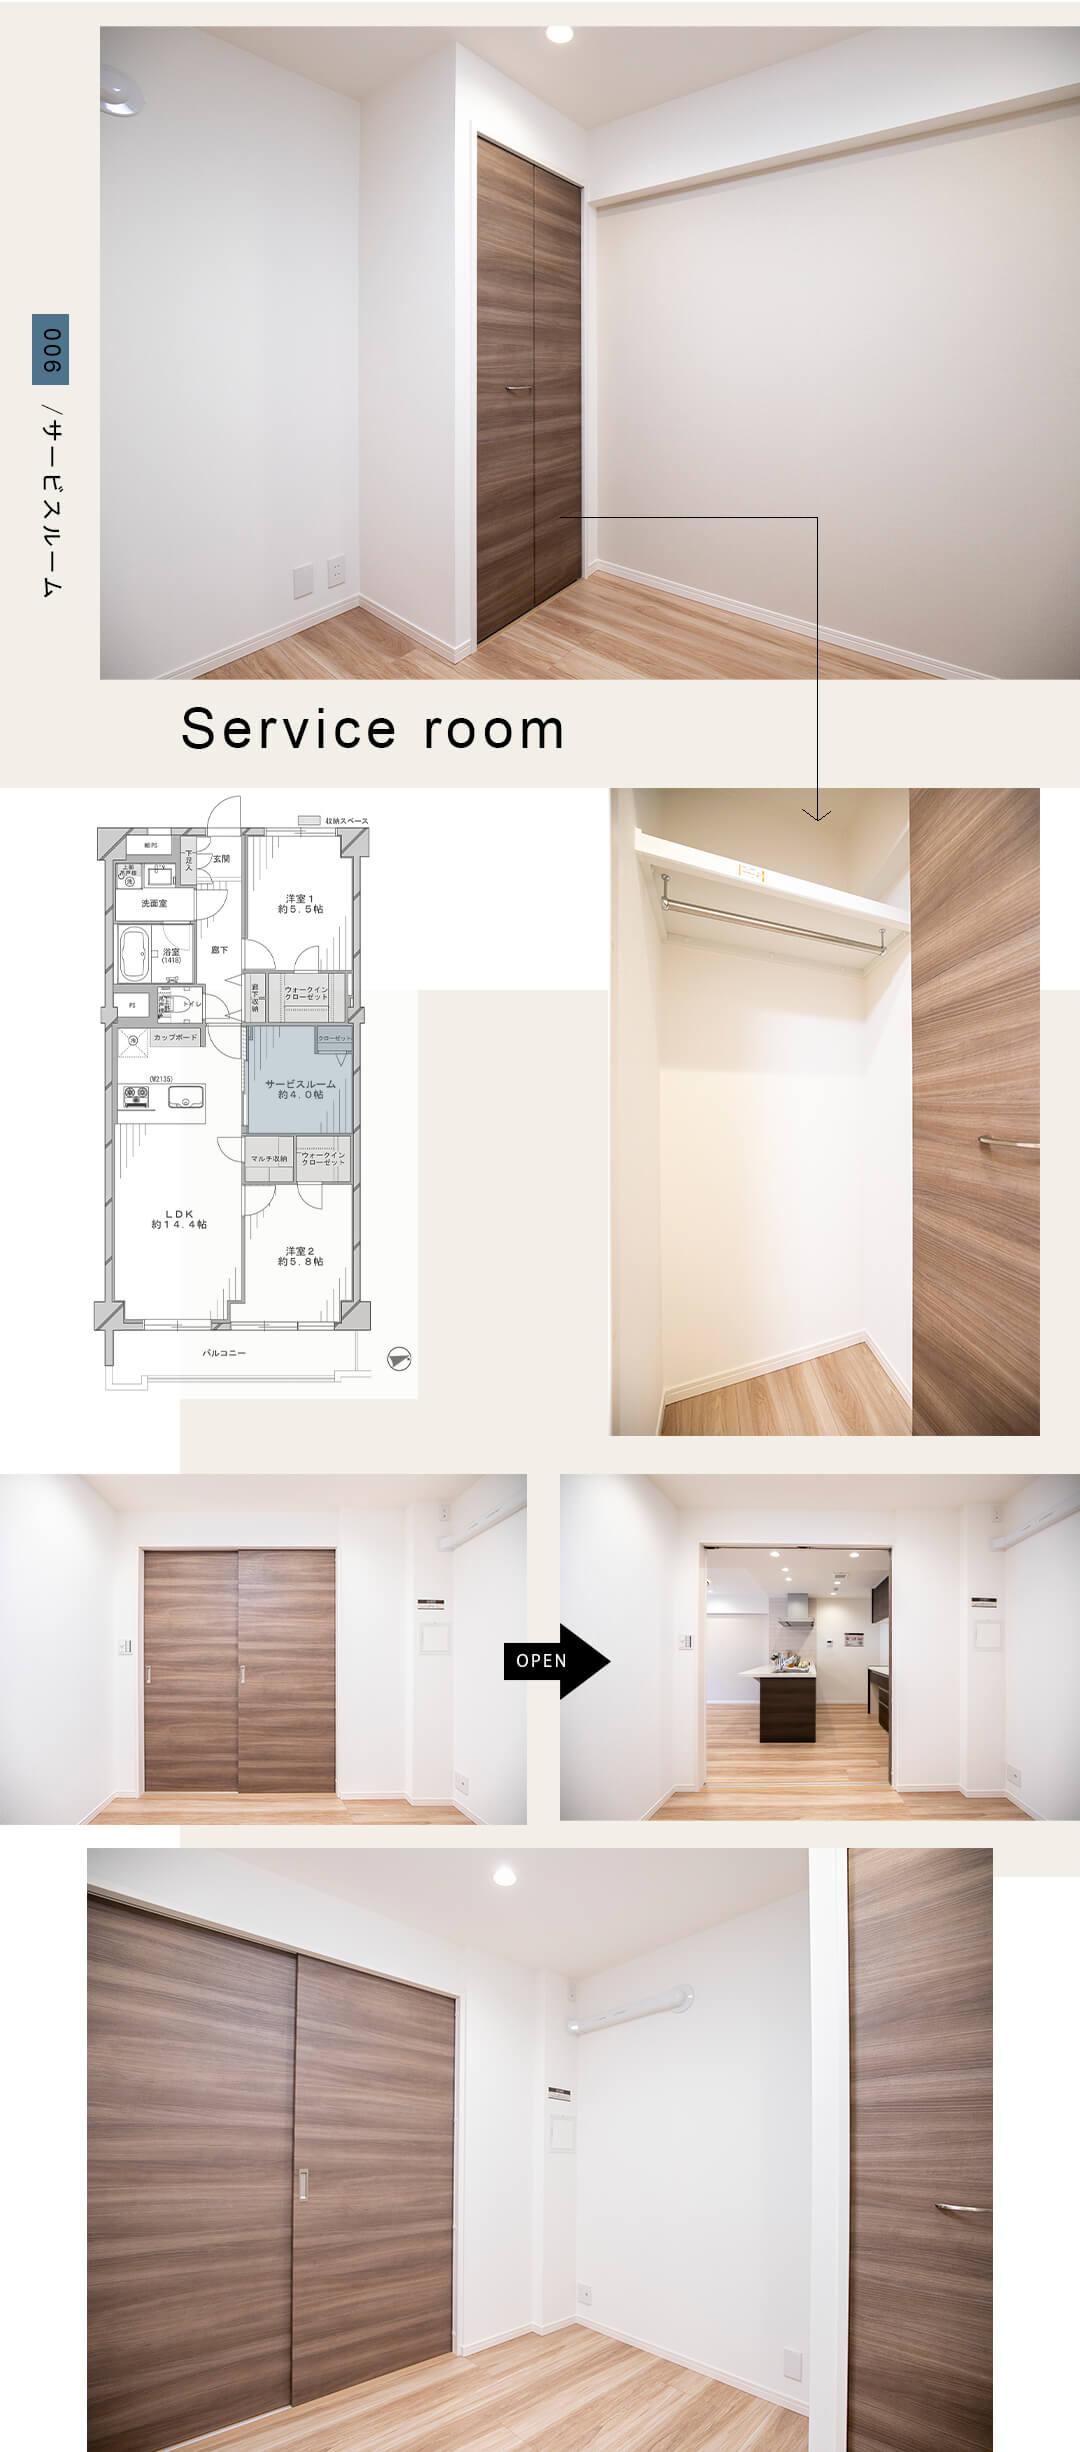 006サービスルーム,Service room